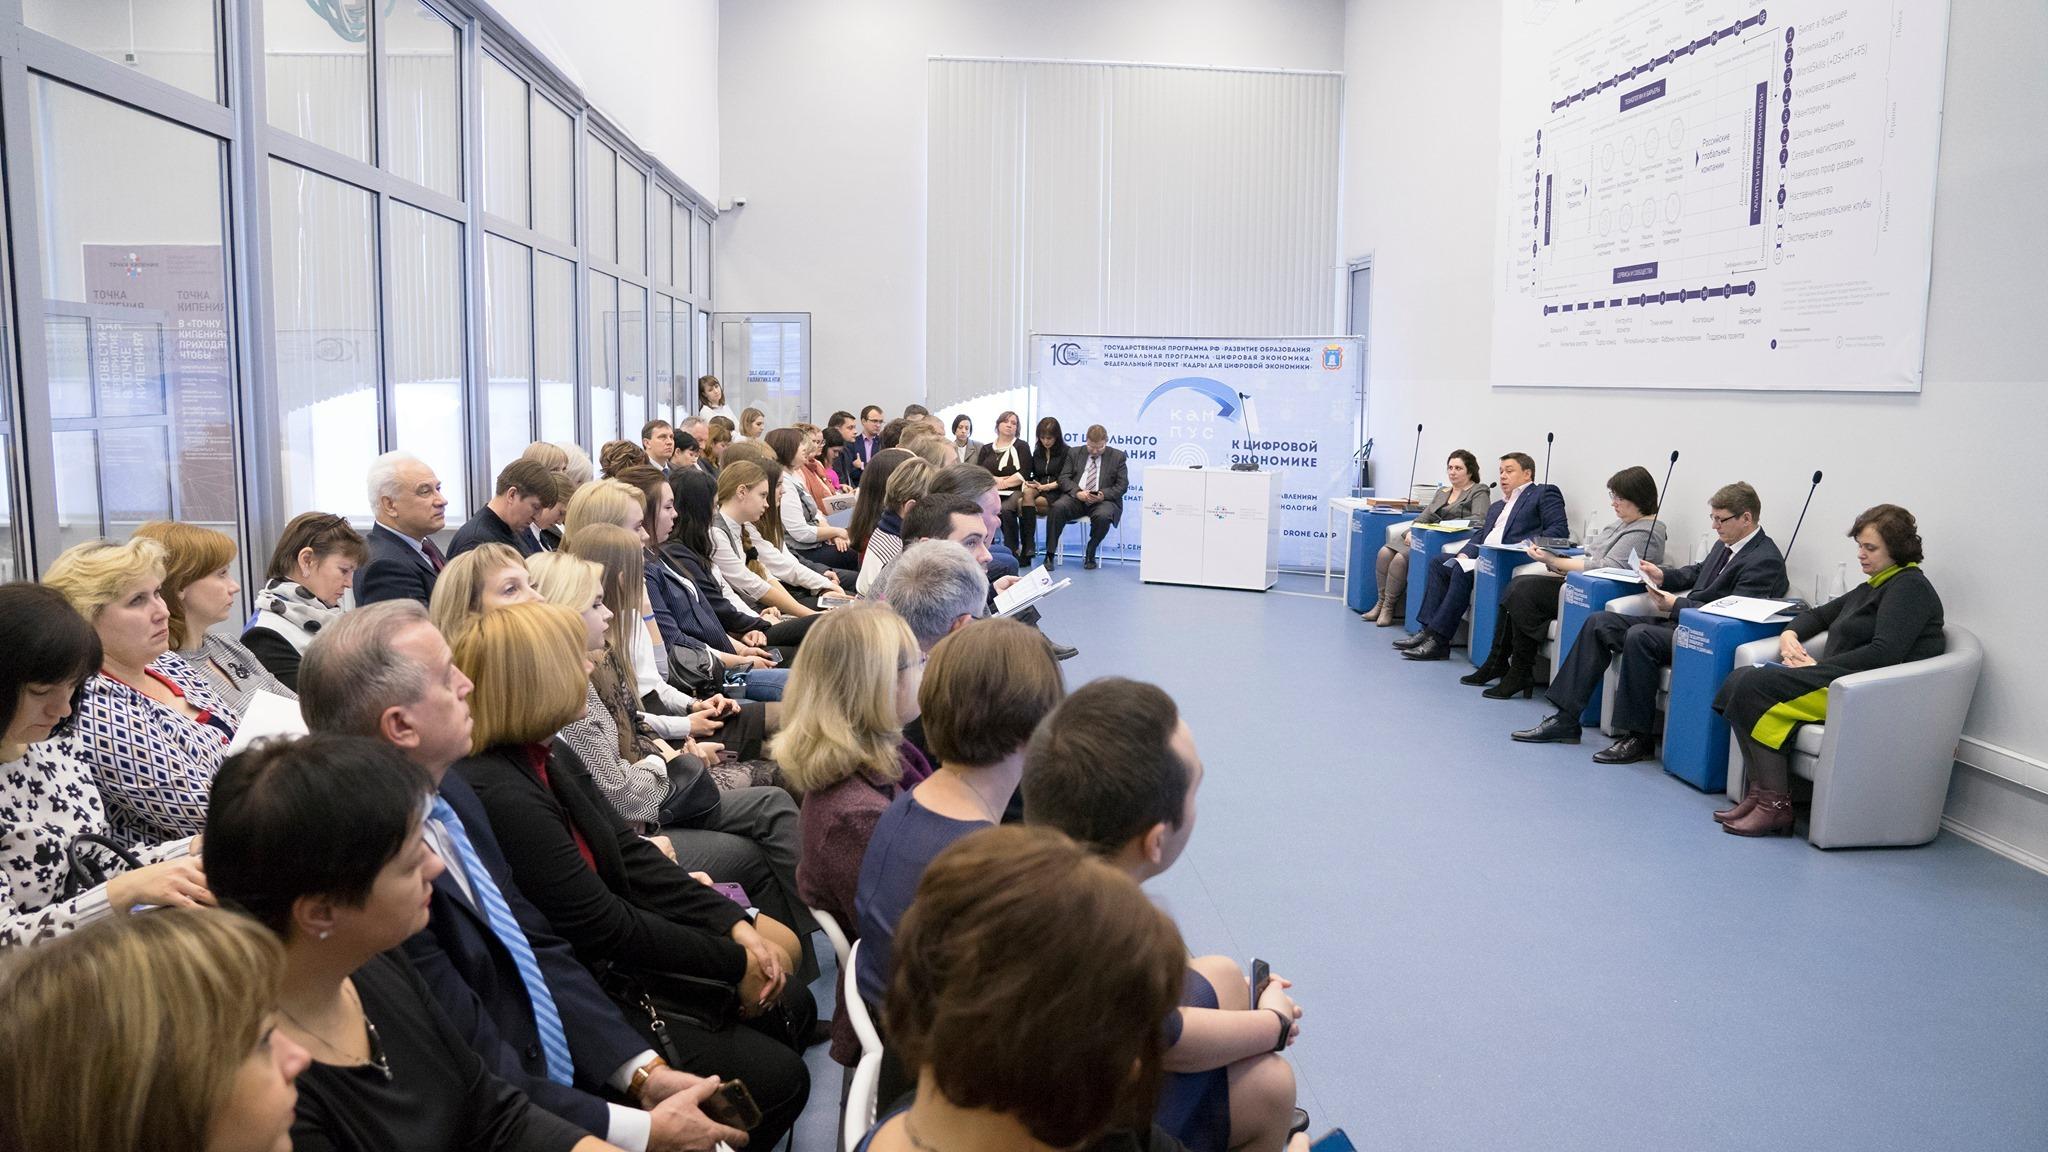 ТГУ готовится провести множество образовательных смен